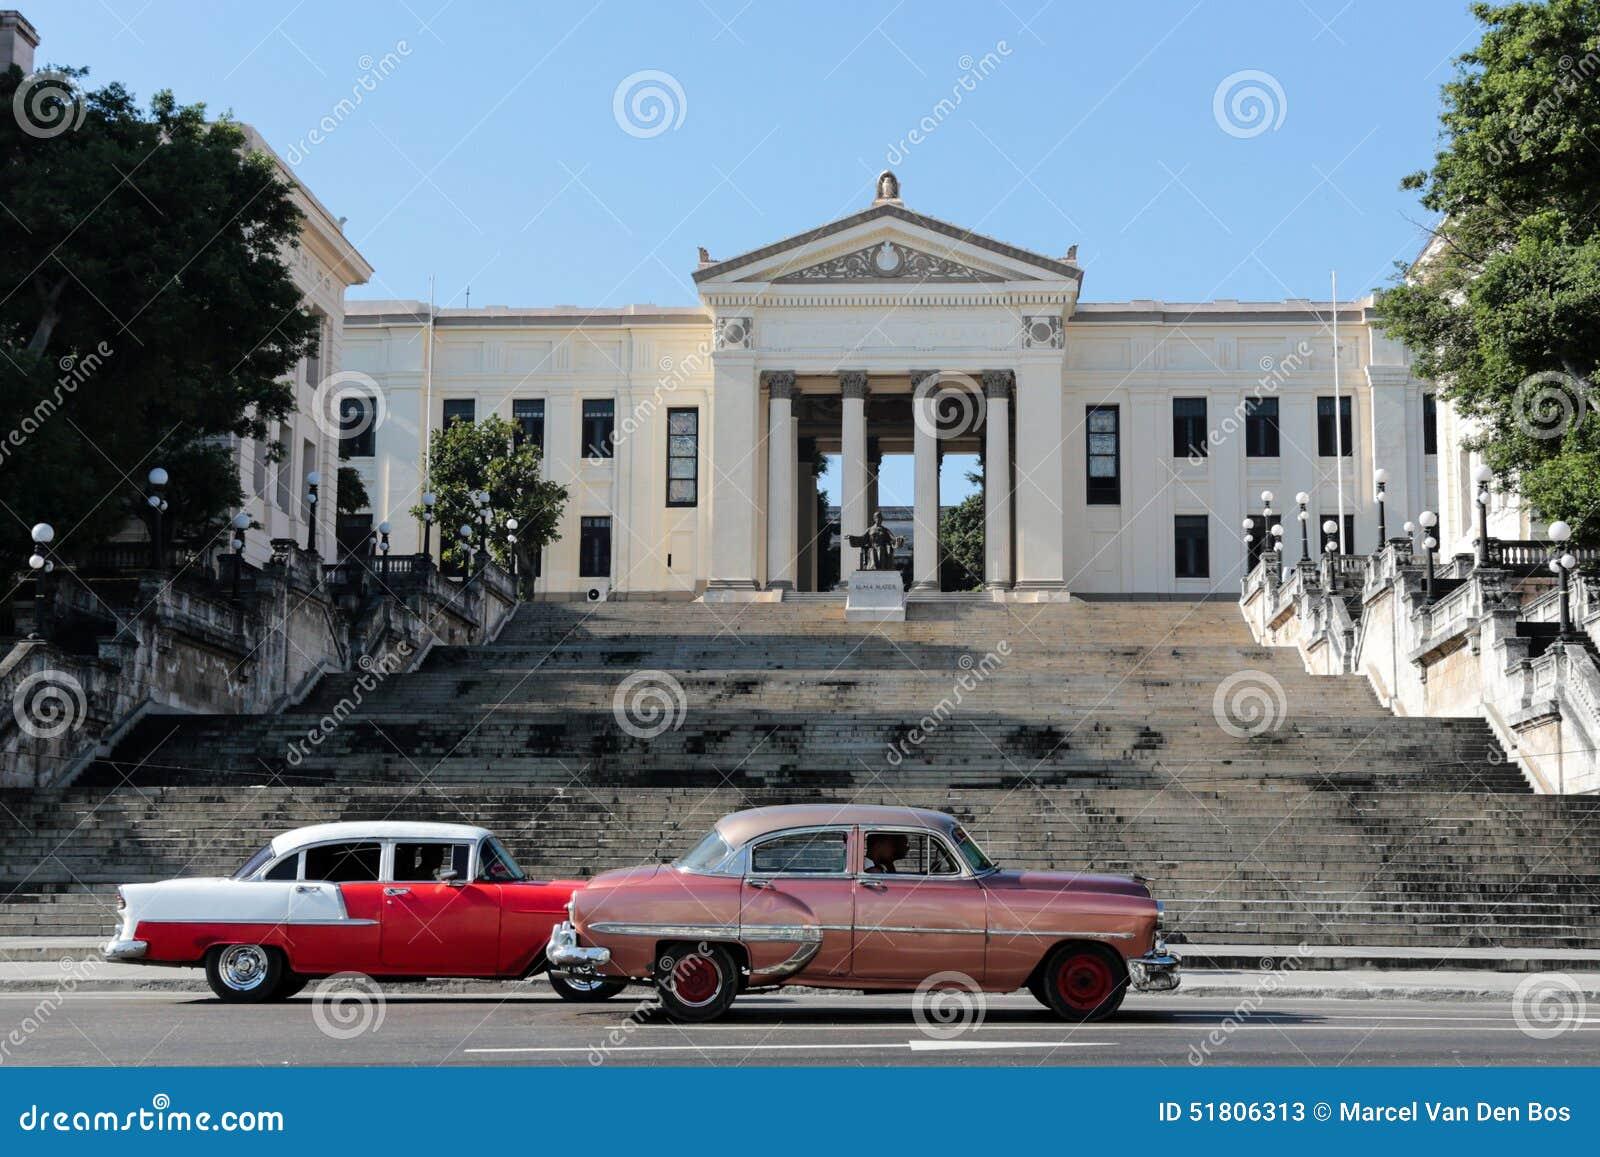 Edificio de la universidad en La Habana